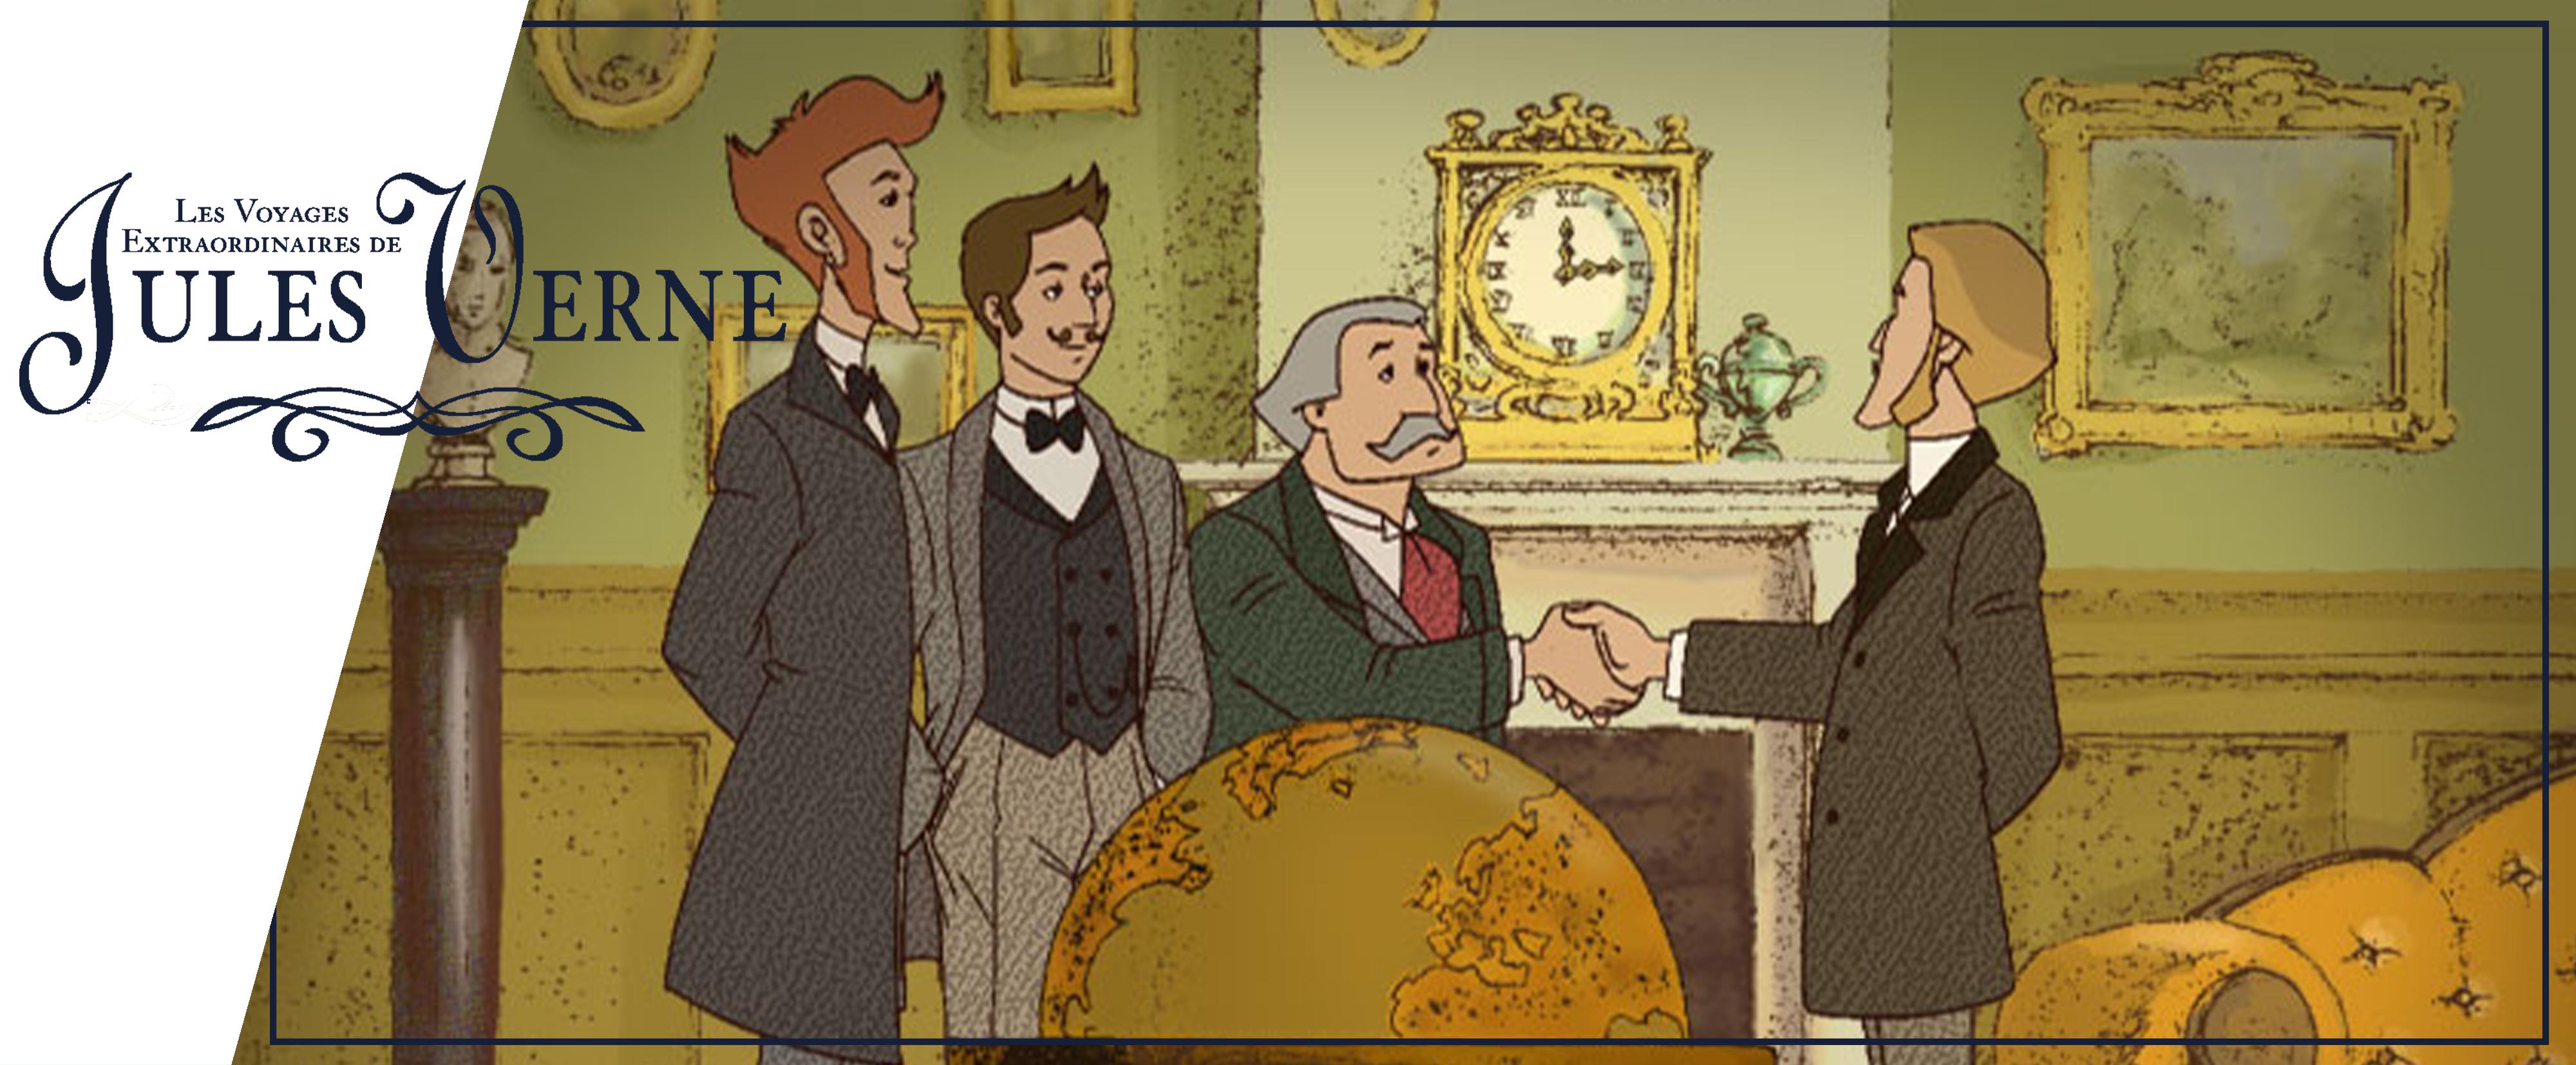 Jules Verne (les Voyages Extraordinaires de)